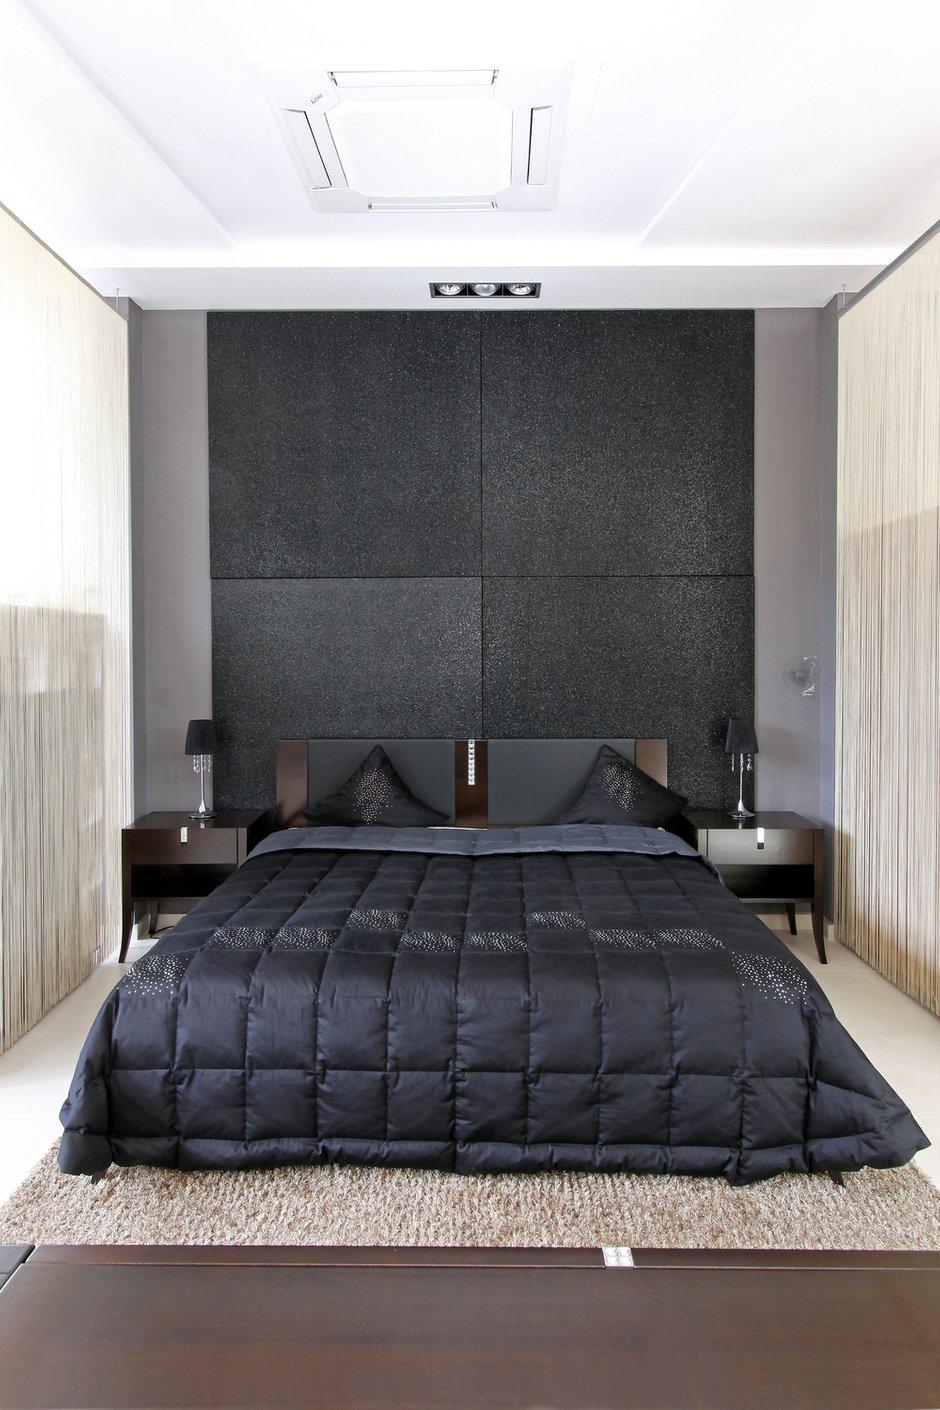 Фотография: Спальня в стиле Современный, Декор интерьера, Малогабаритная квартира, Квартира, Цвет в интерьере, Стиль жизни, Советы – фото на INMYROOM